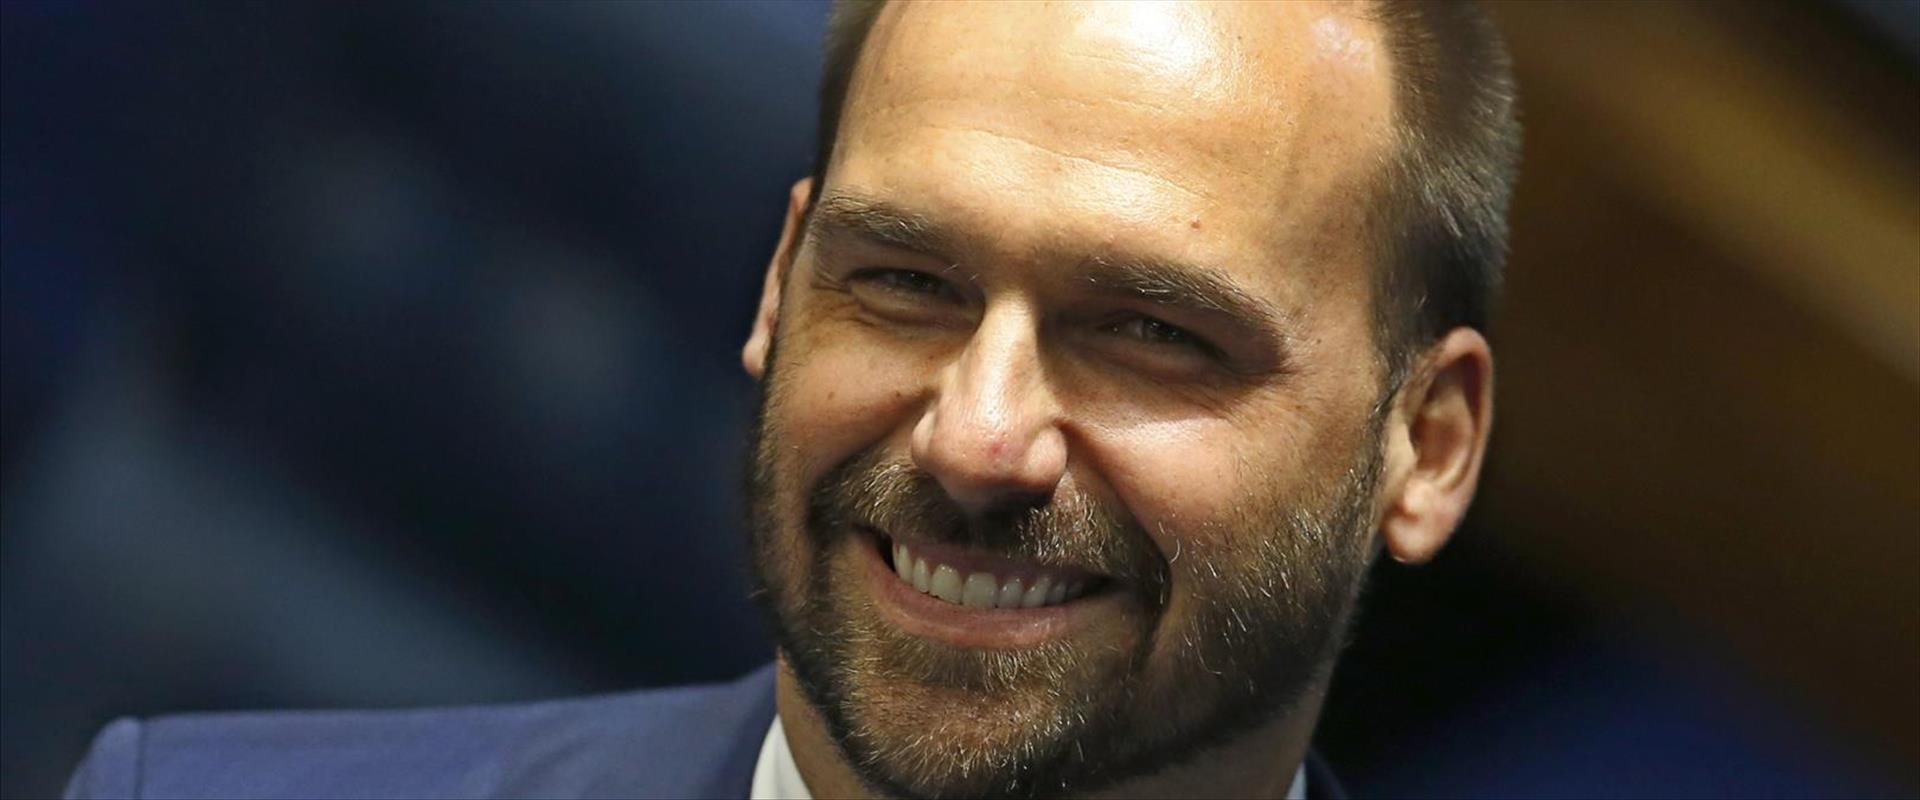 אדוארדו בולסונרו, הבן של נשיא ברזיל